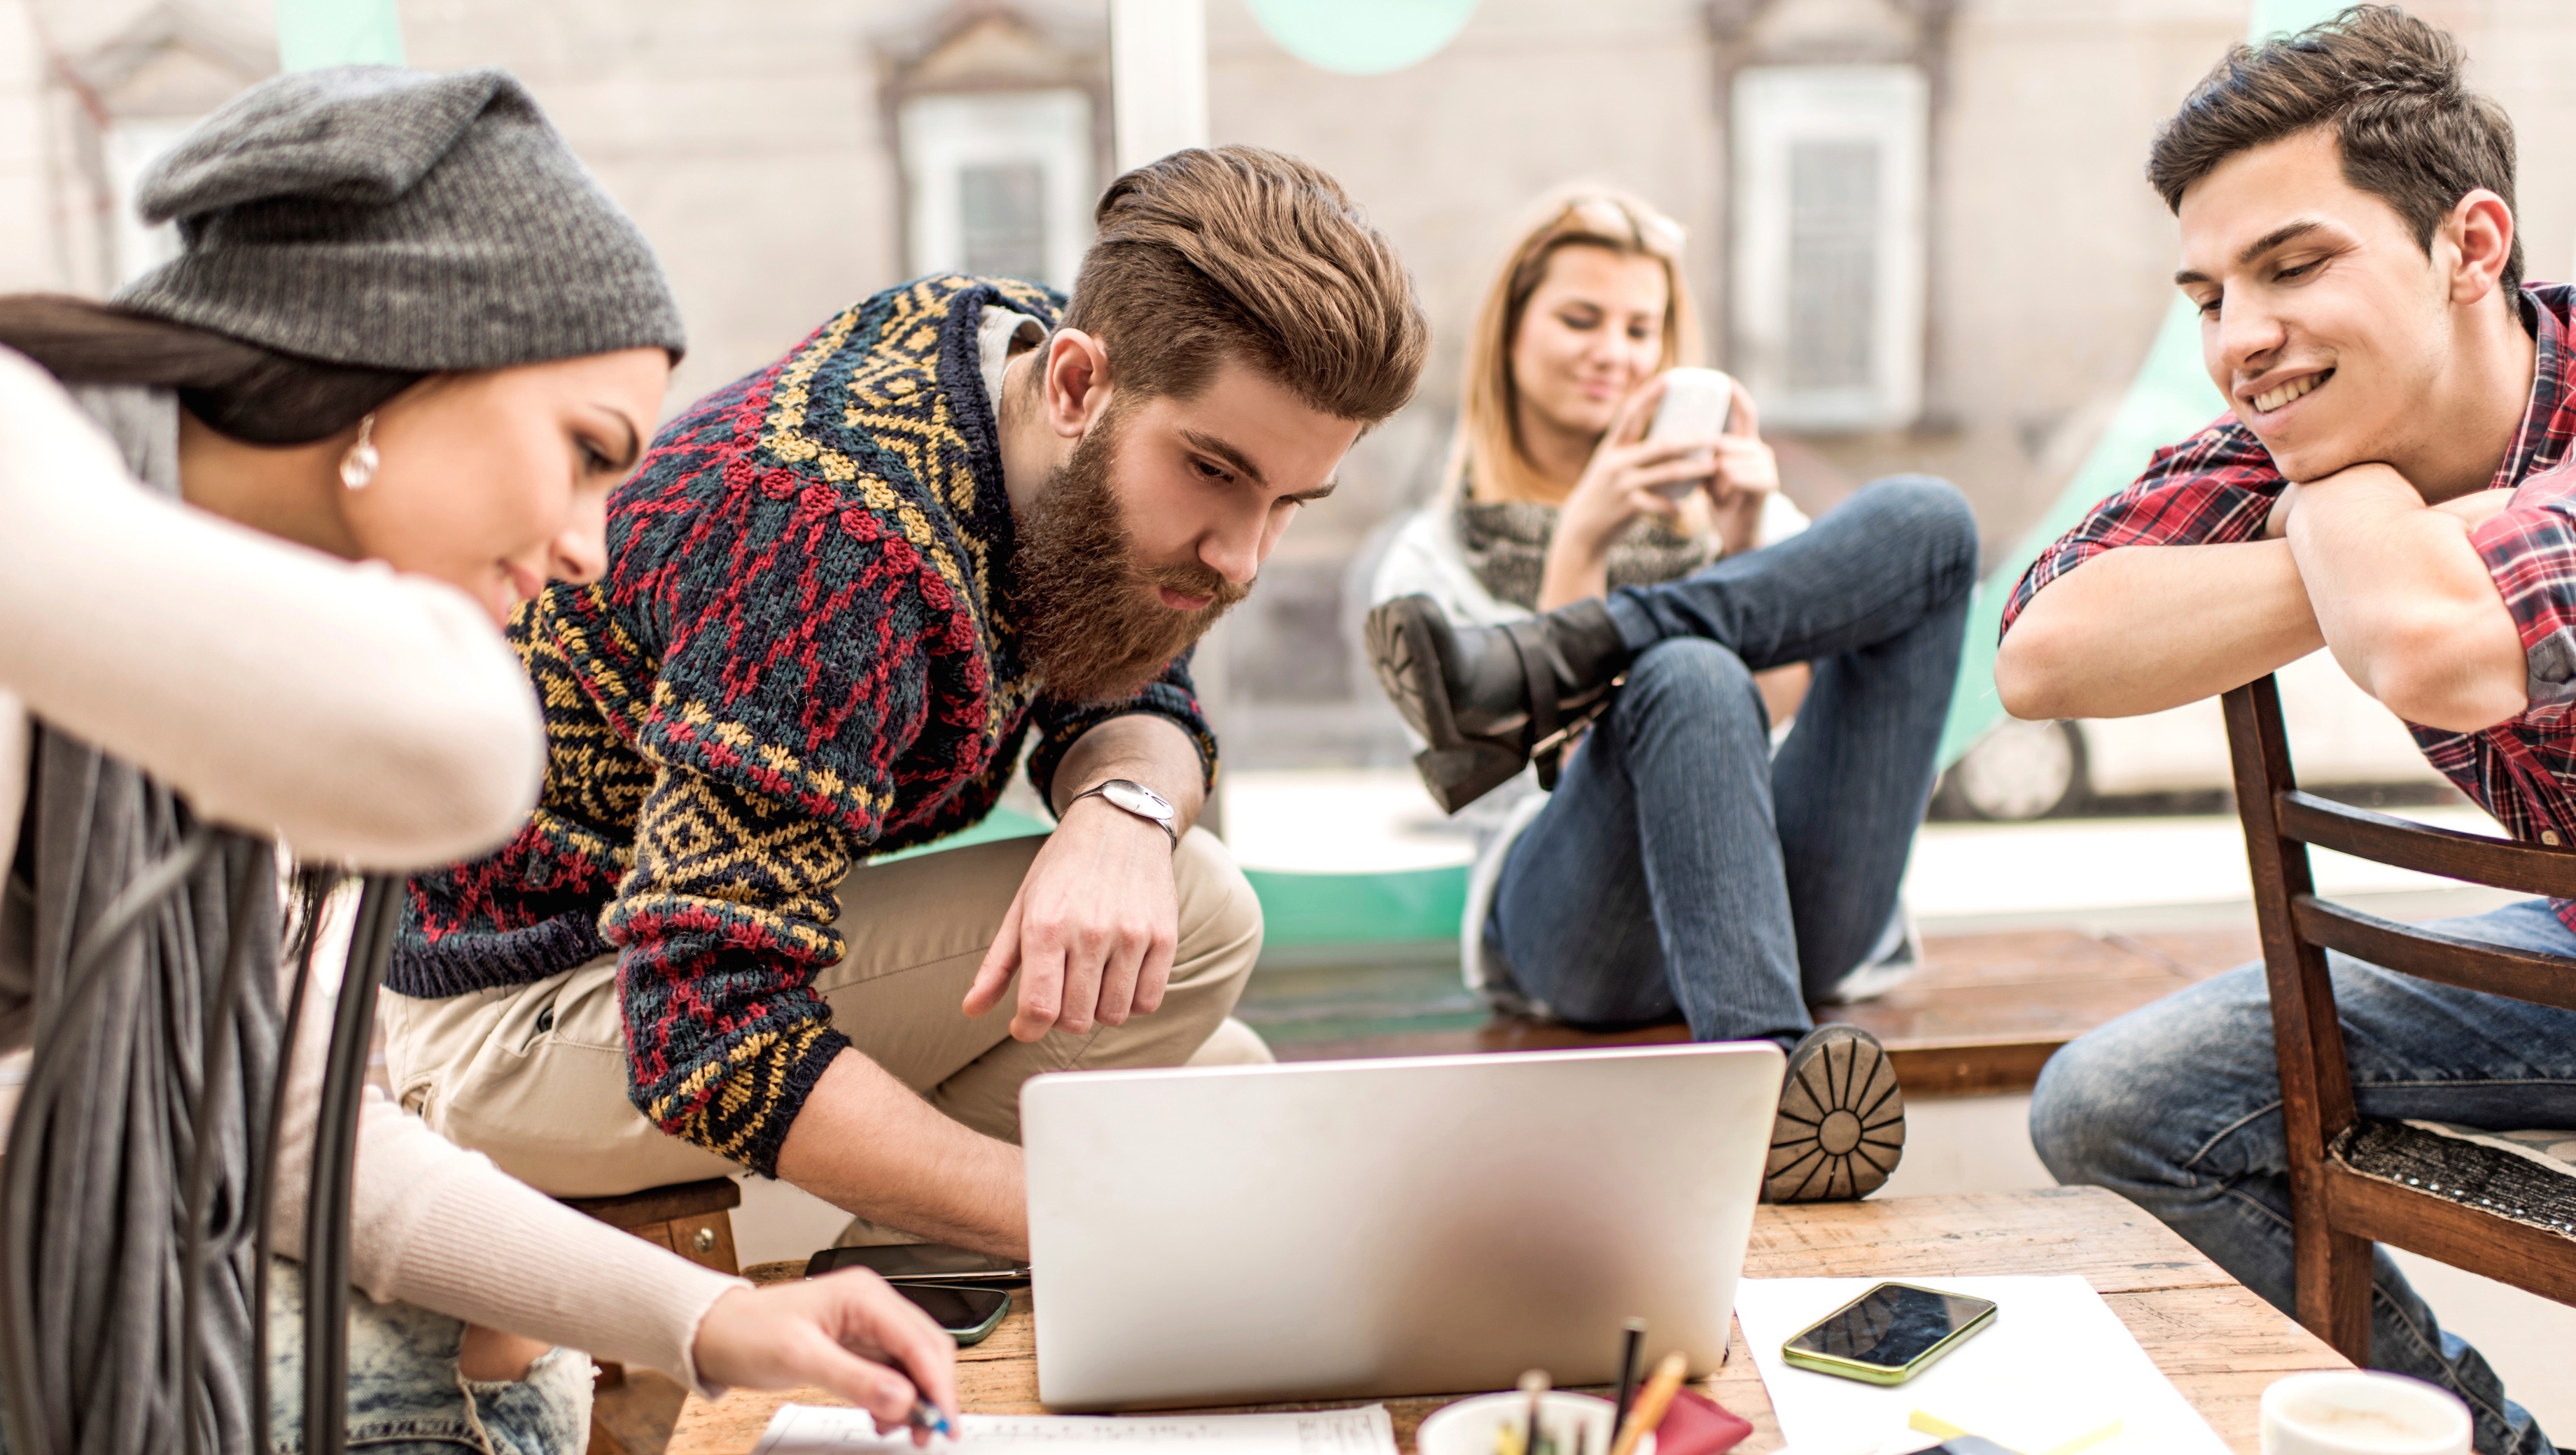 Razones por la que los 'millennials' son más improductivos